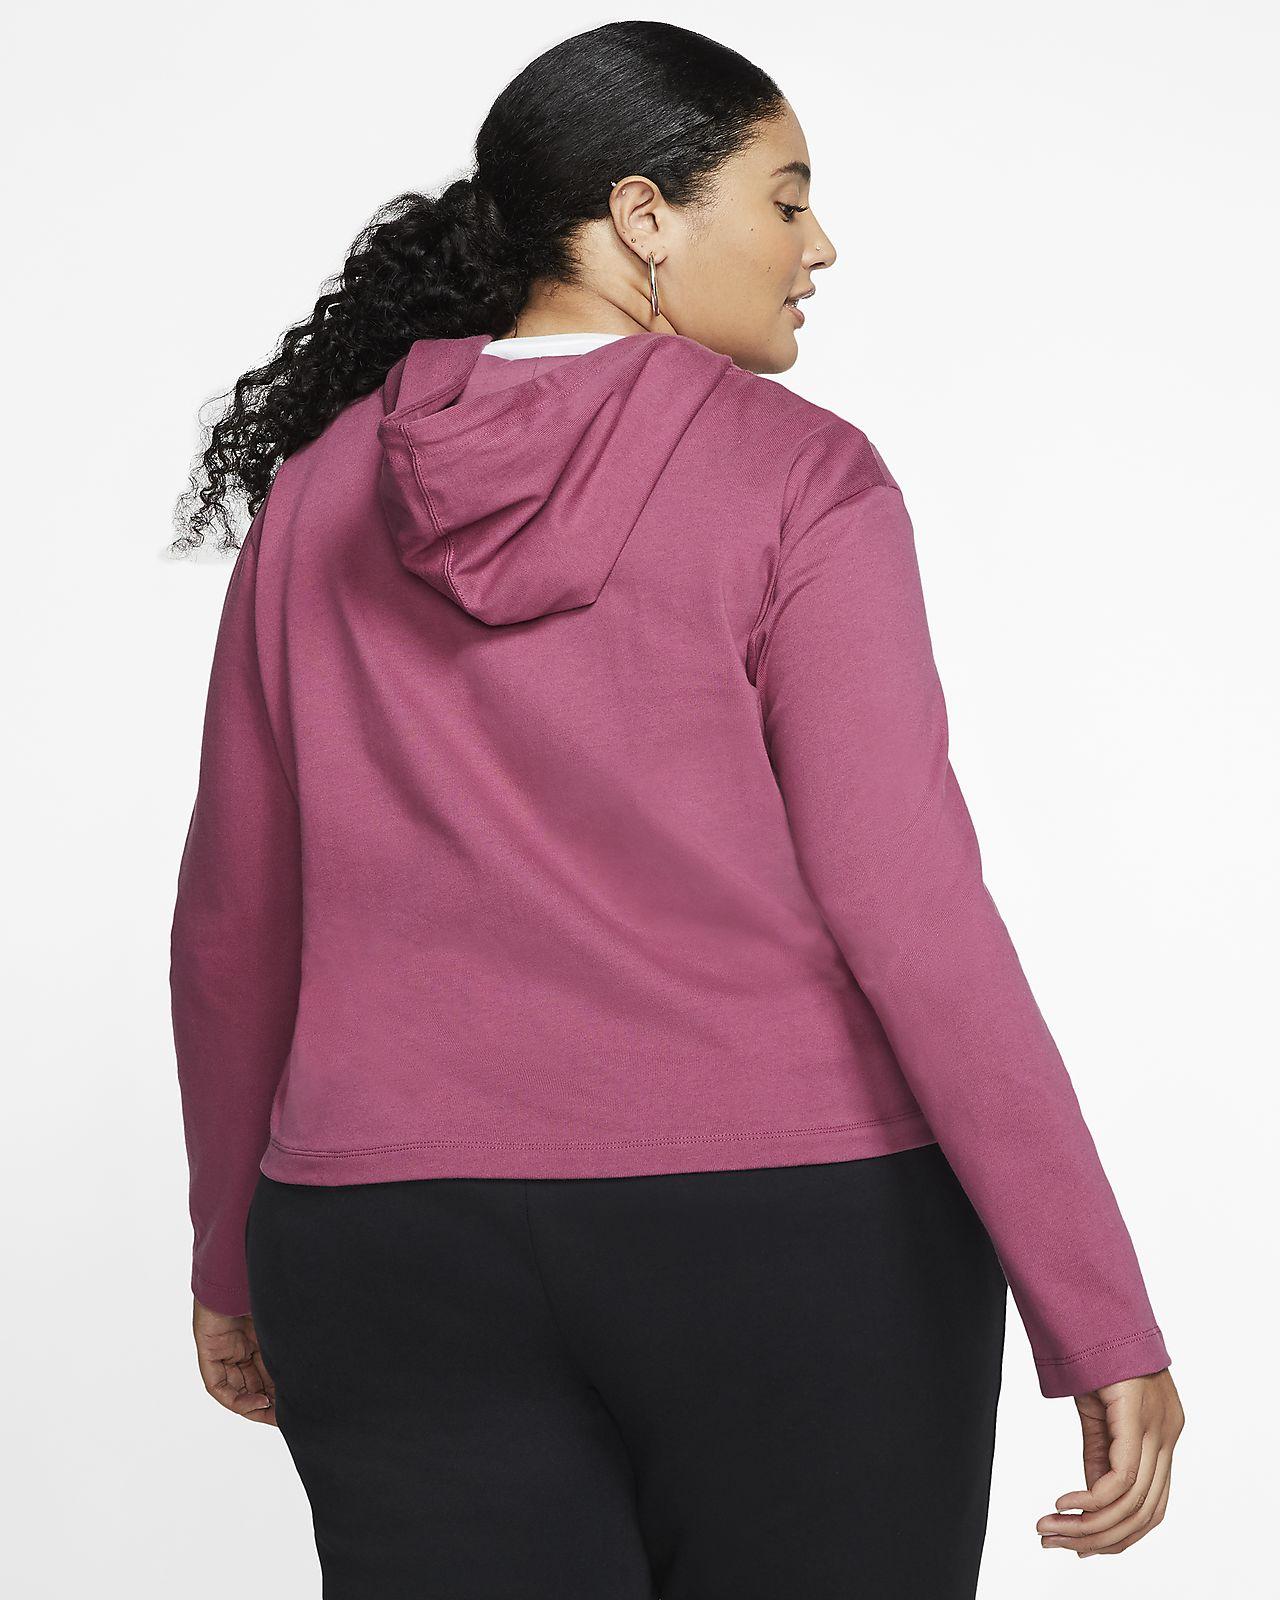 Nike Sportswear Women's Full Zip Hoodie (Plus Size)